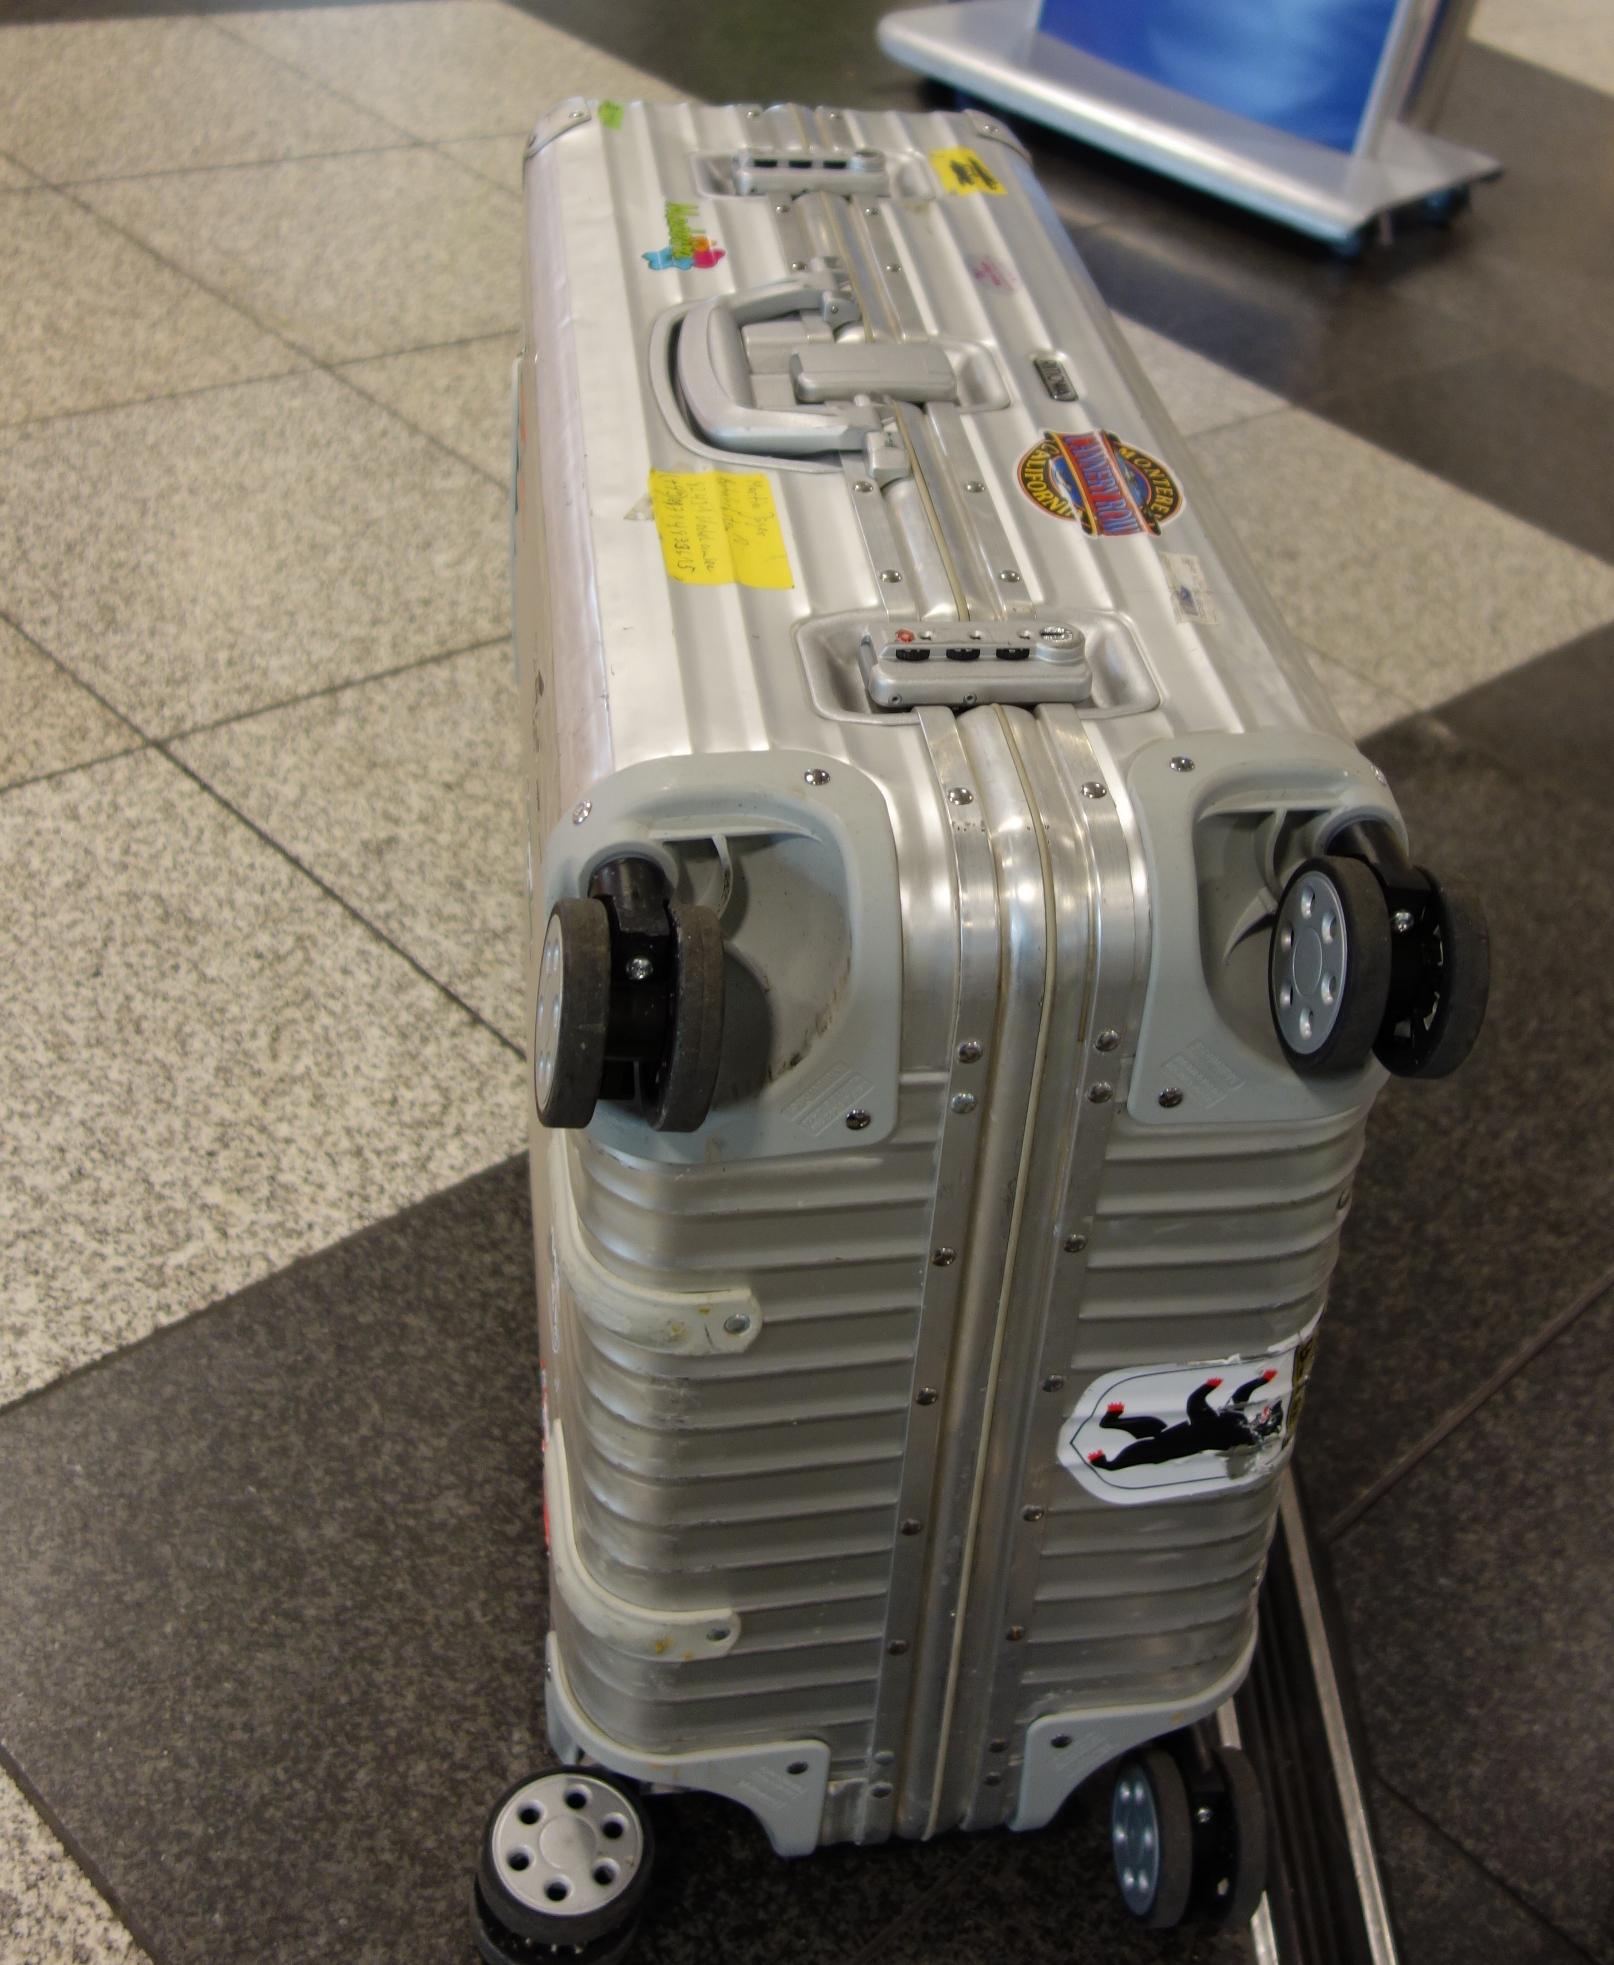 Mein Koffer vor dem Abflug.